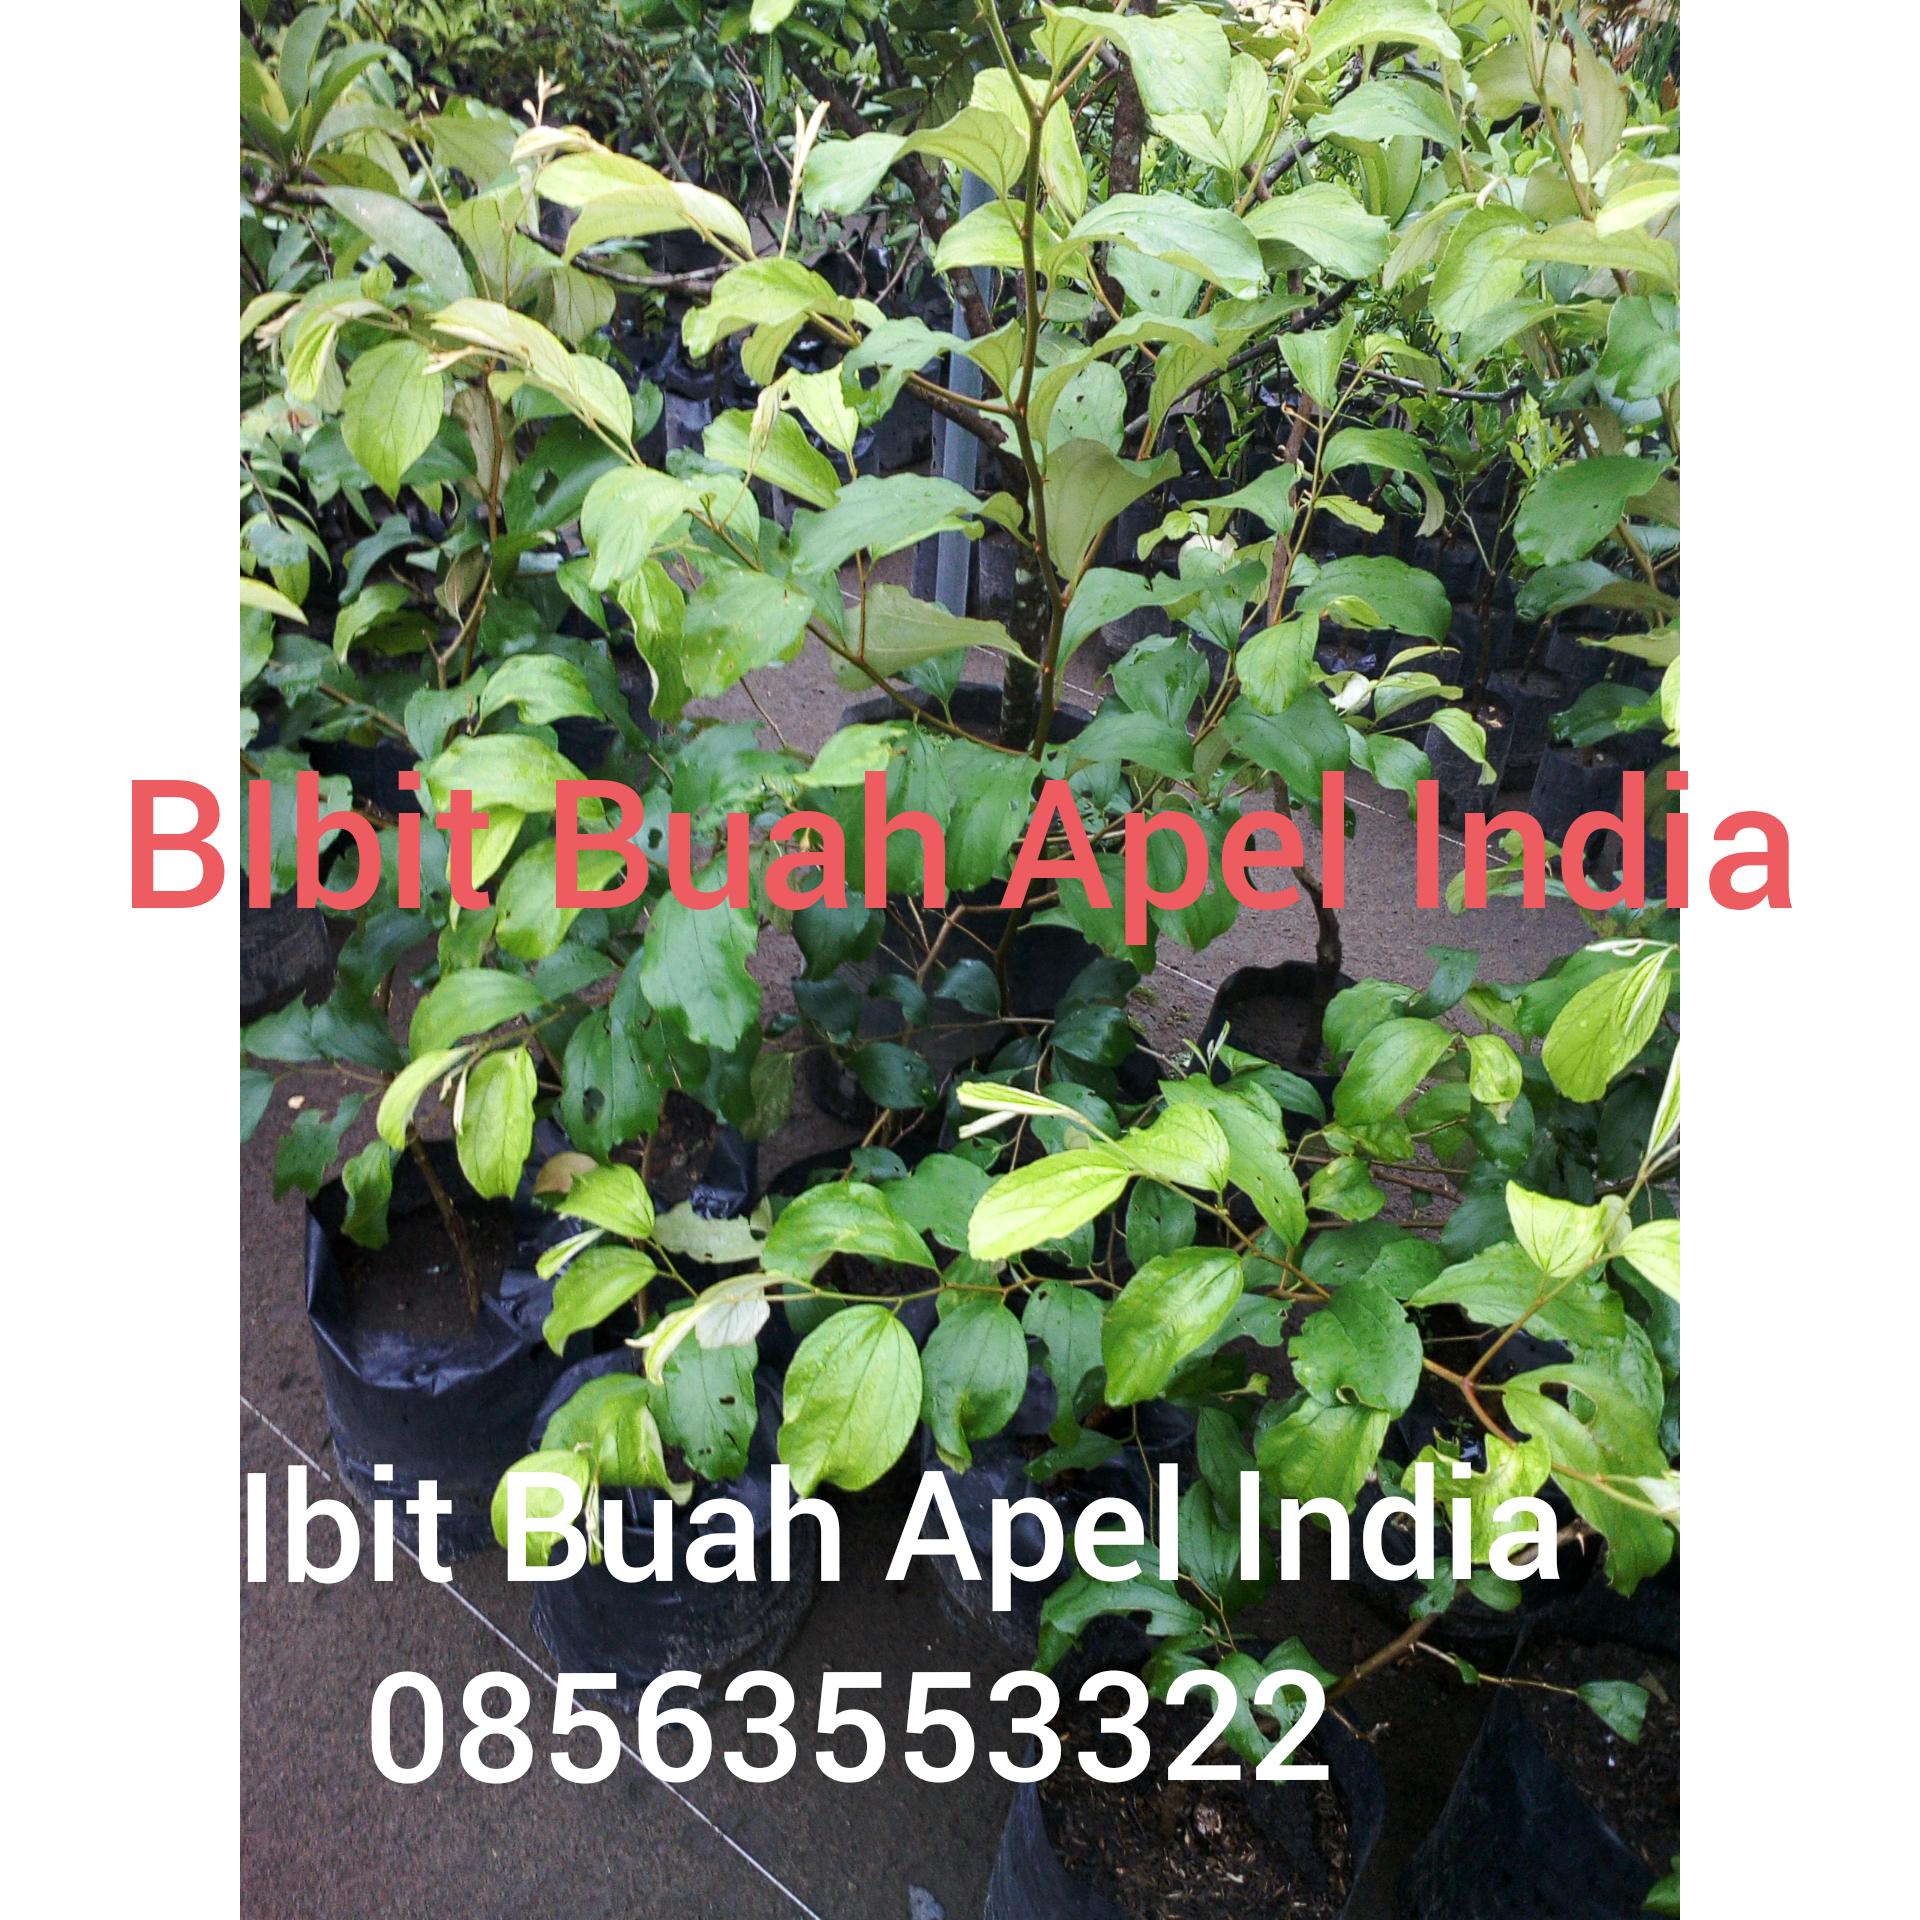 jual bibit tanaman buah apel india, buah apel india sudah berbuah